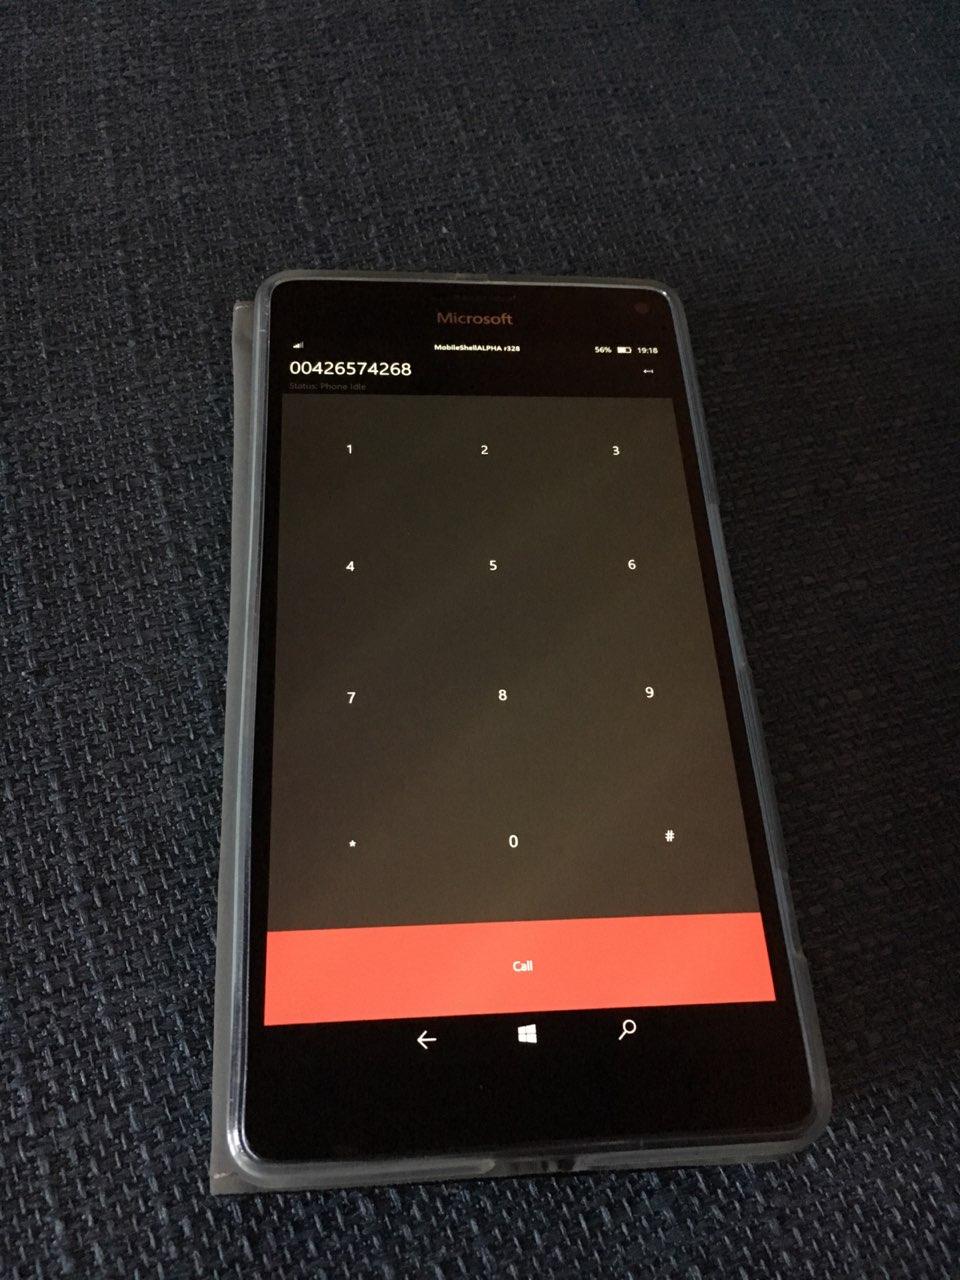 video] Come gira Windows 10 on ARM sui Lumia 950 dopo un